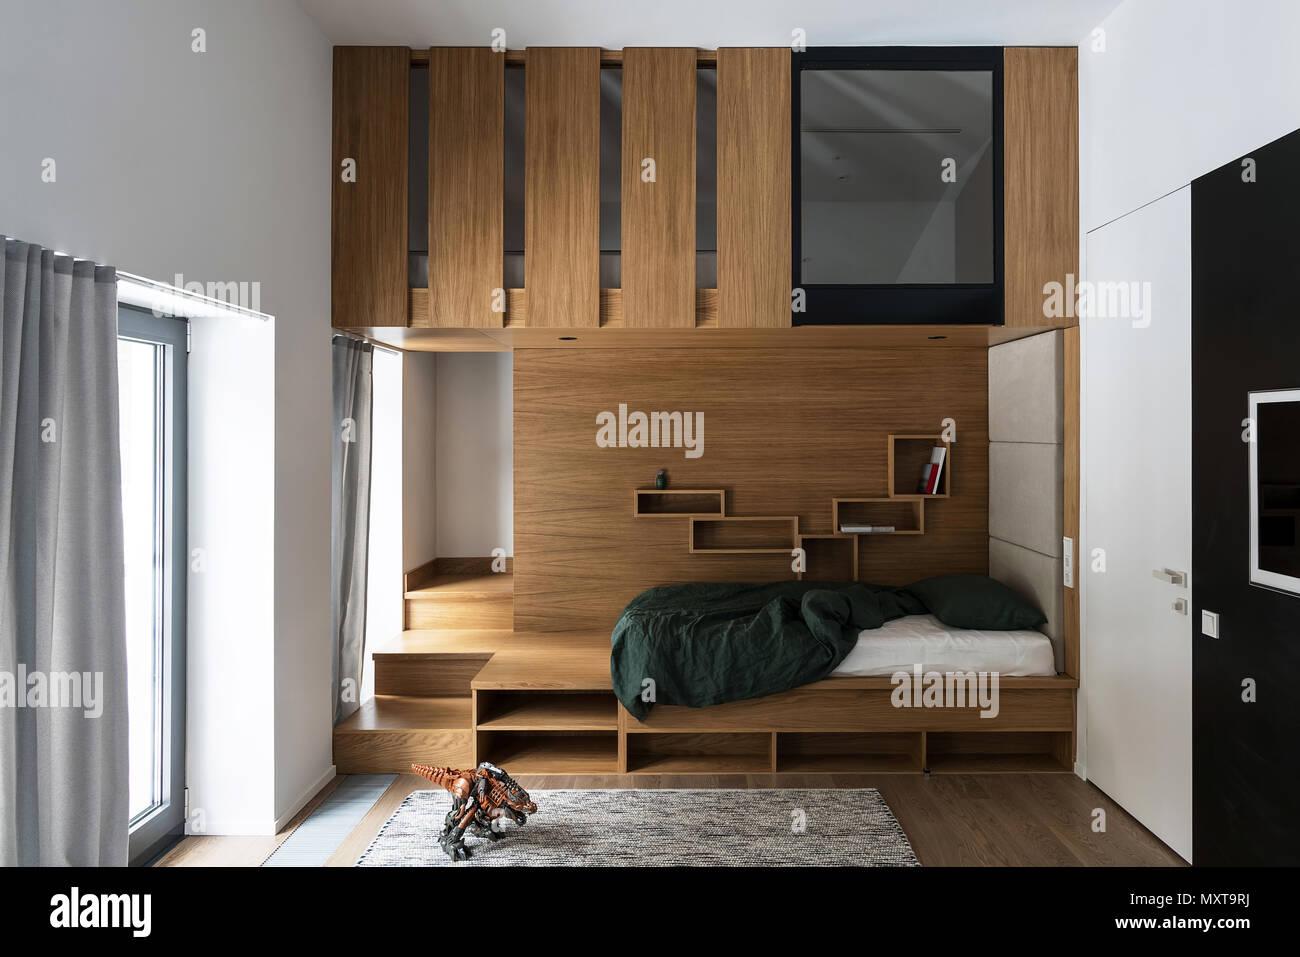 Camera per bambini con grandi finestre pareti bianche e pavimenti